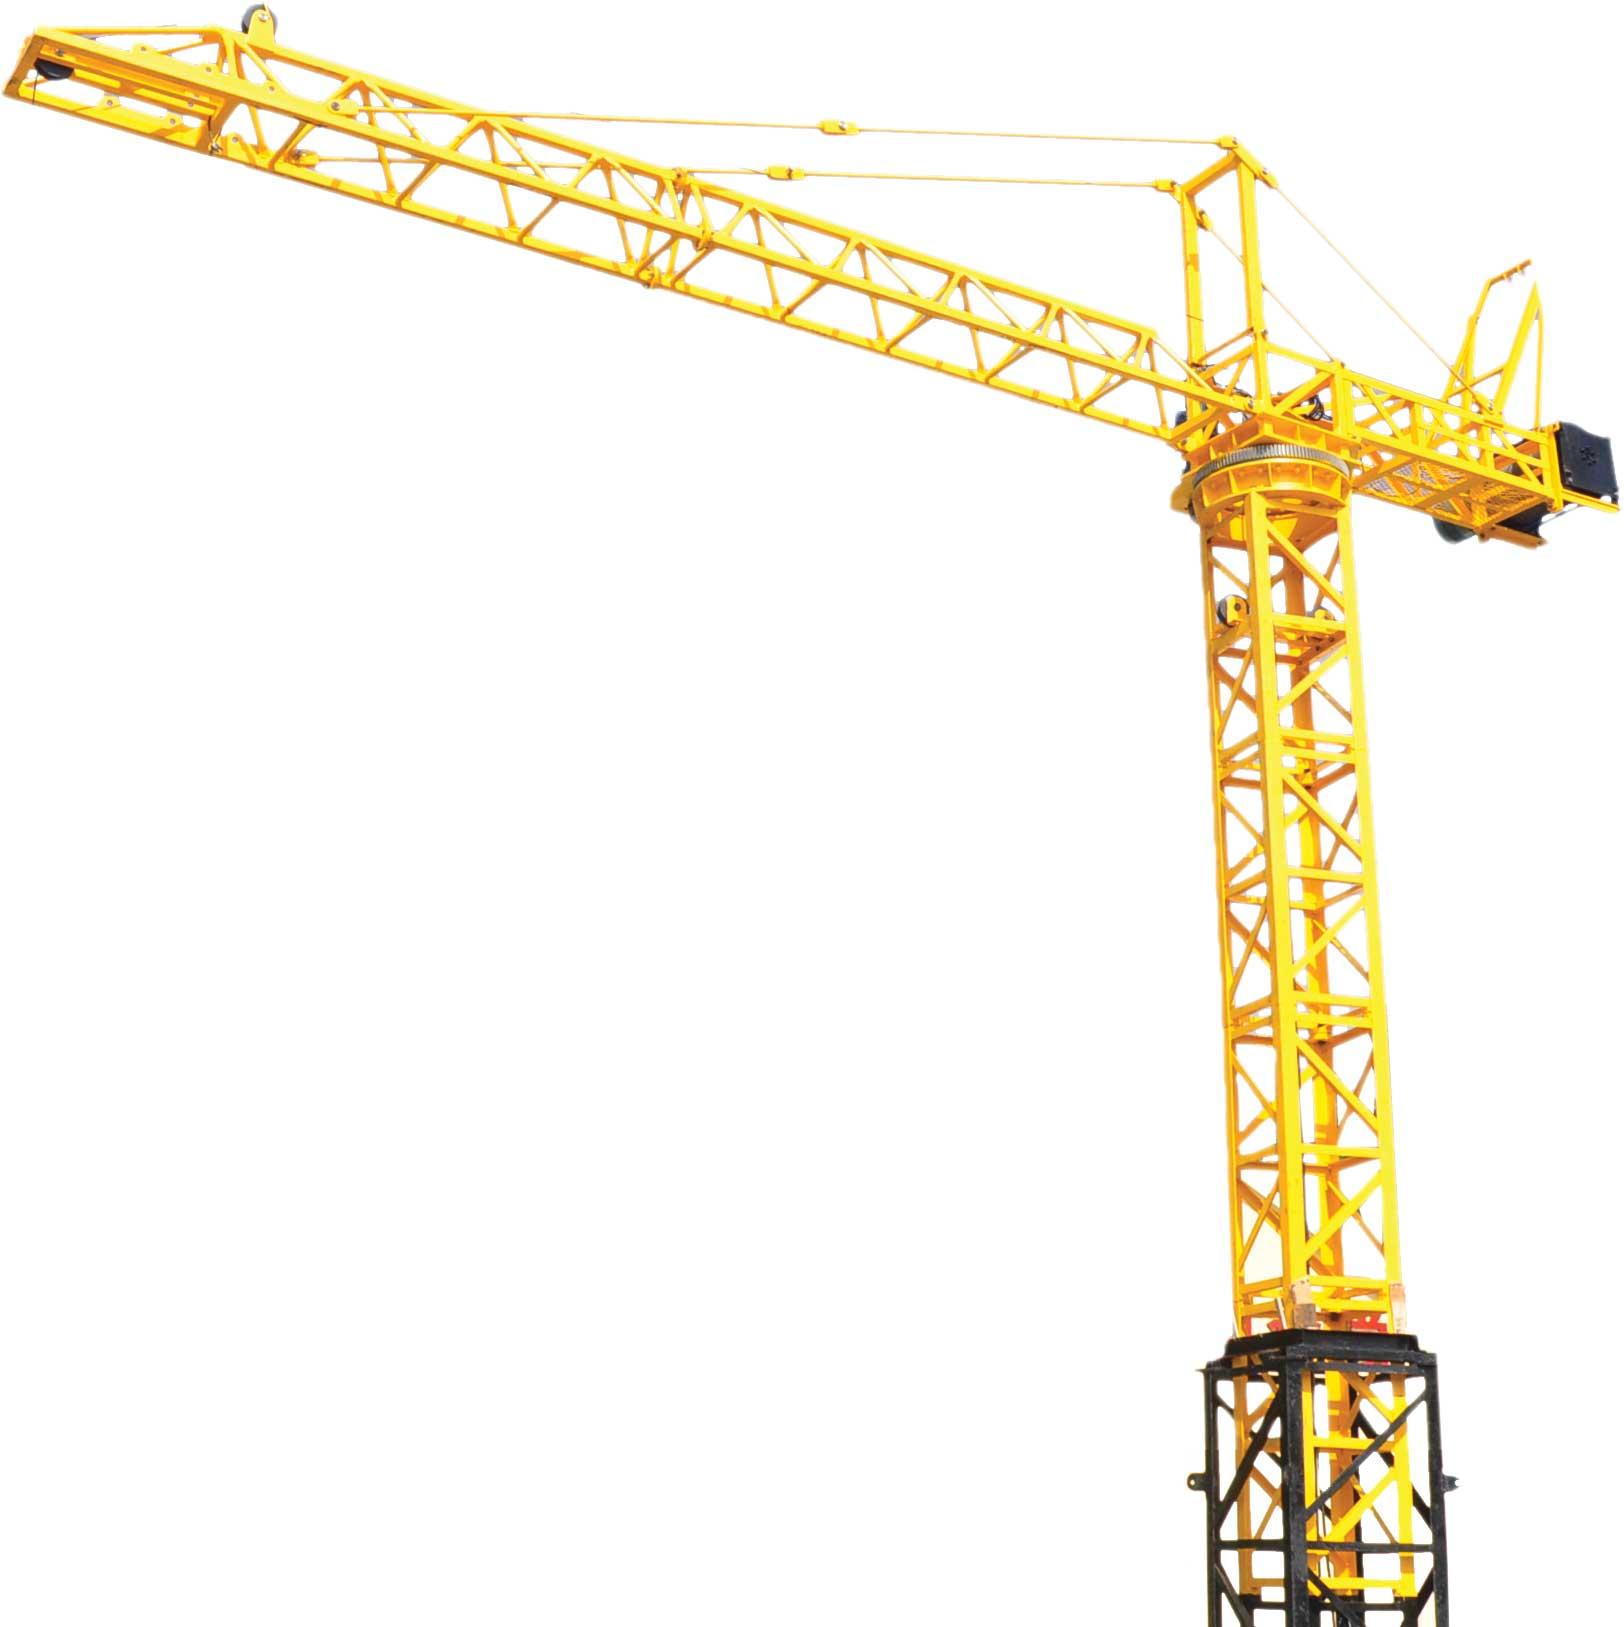 Projeto Solicitado [24 de fevereiro de 2015] – Projeto de Mini Grua 25 mt